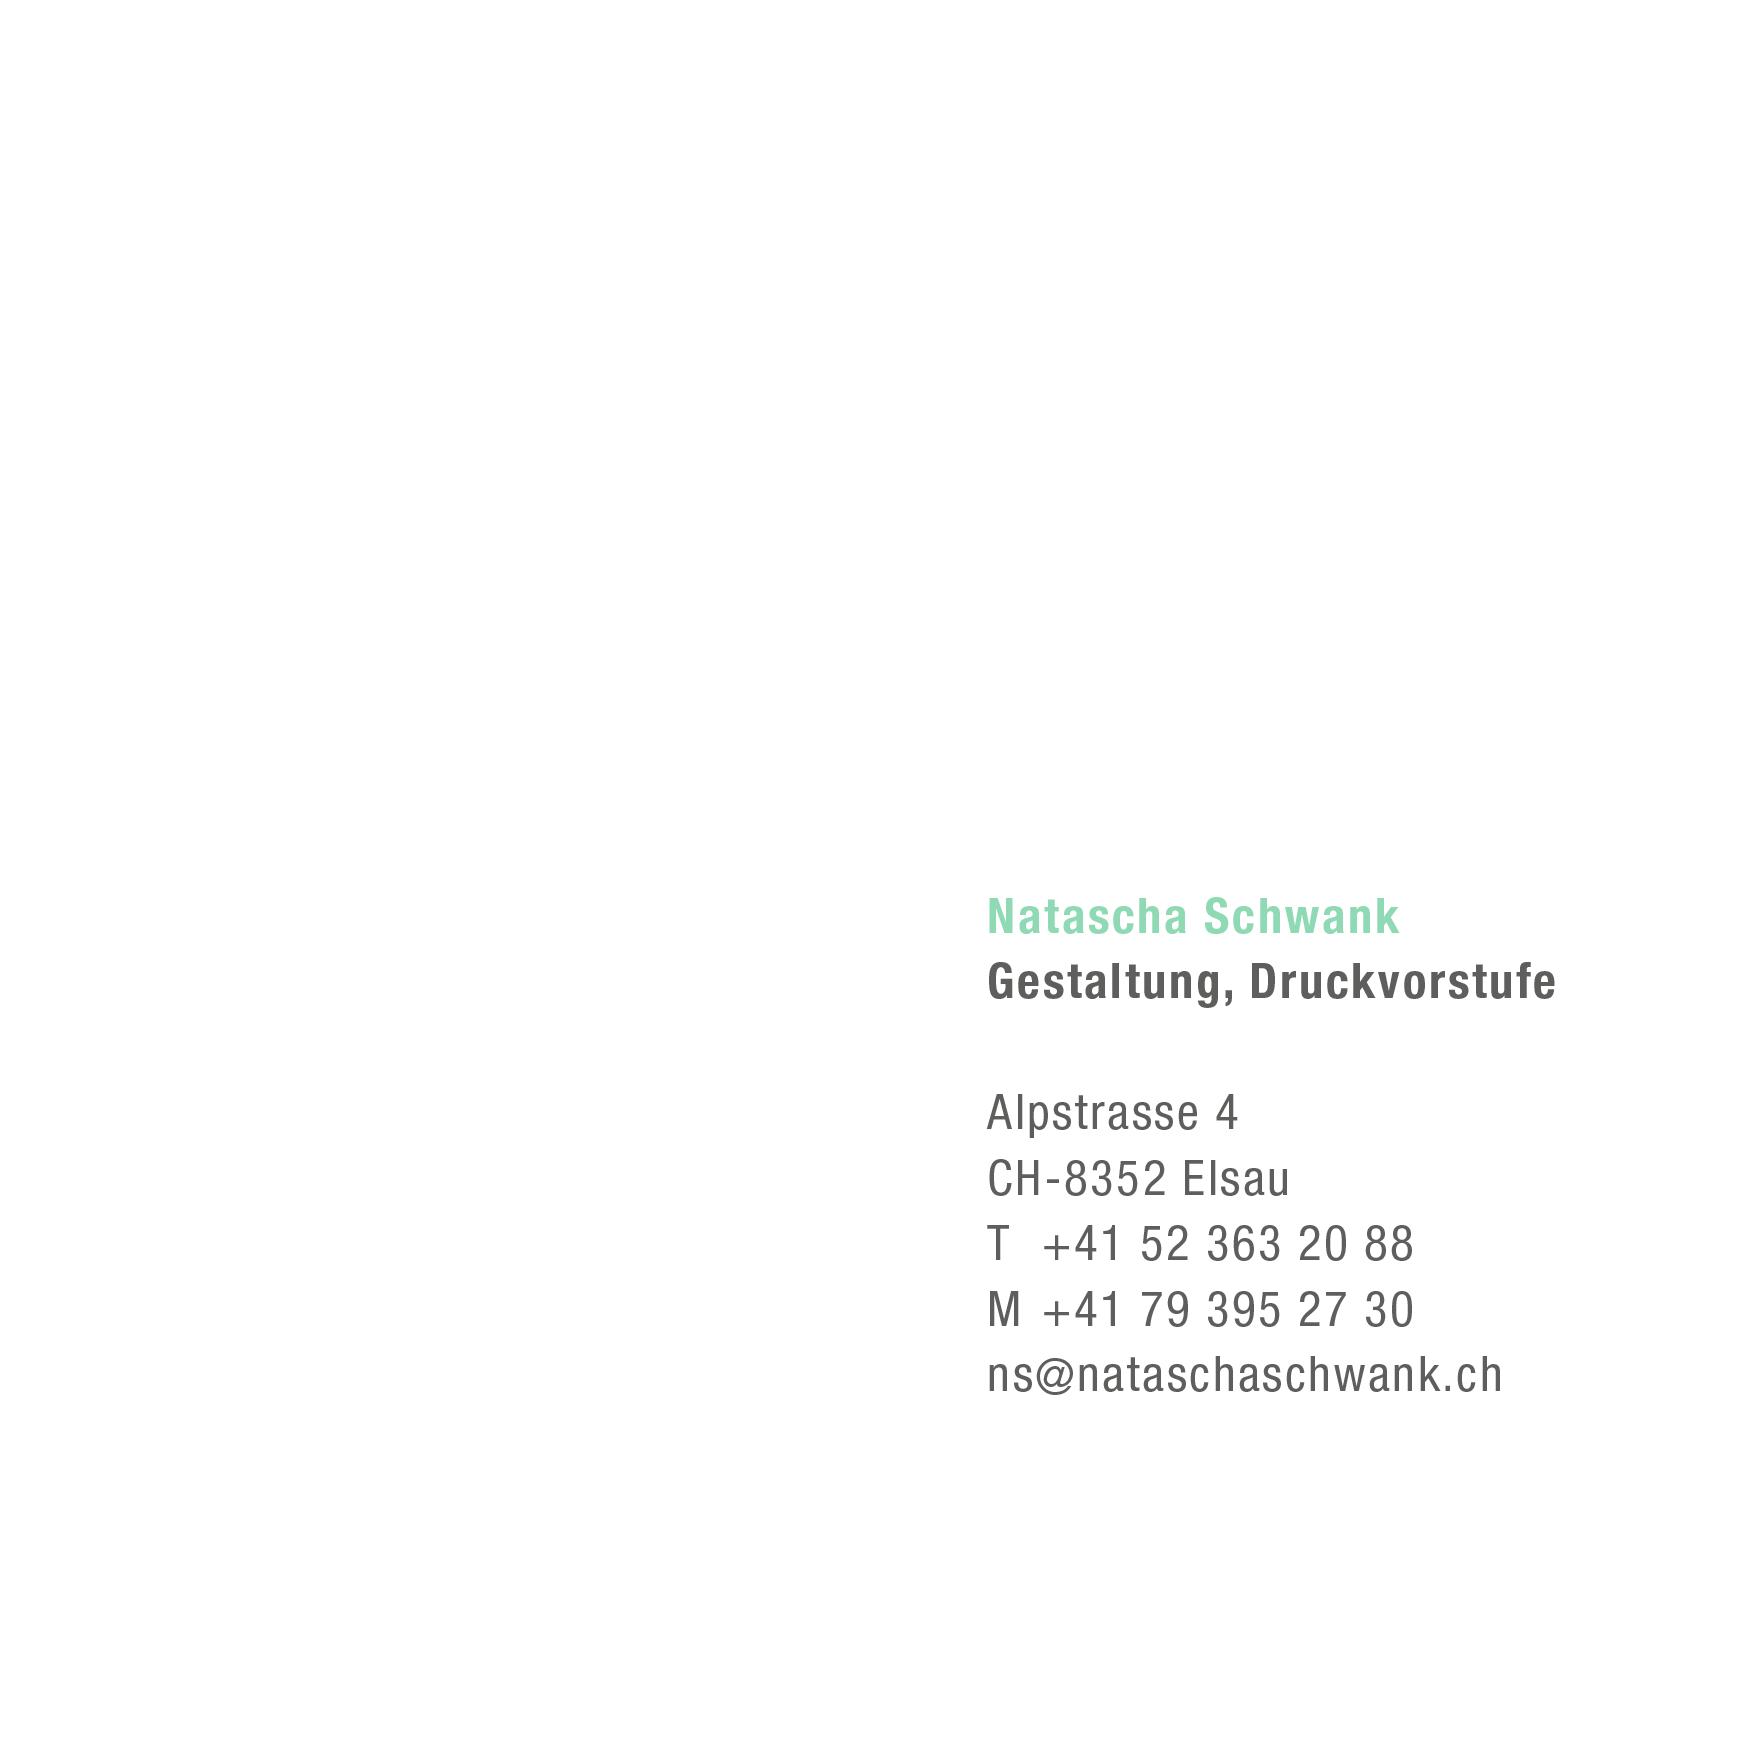 nataschaschwank, bildbearbeitung, grafik, design, gestaltung, druckvorstufe